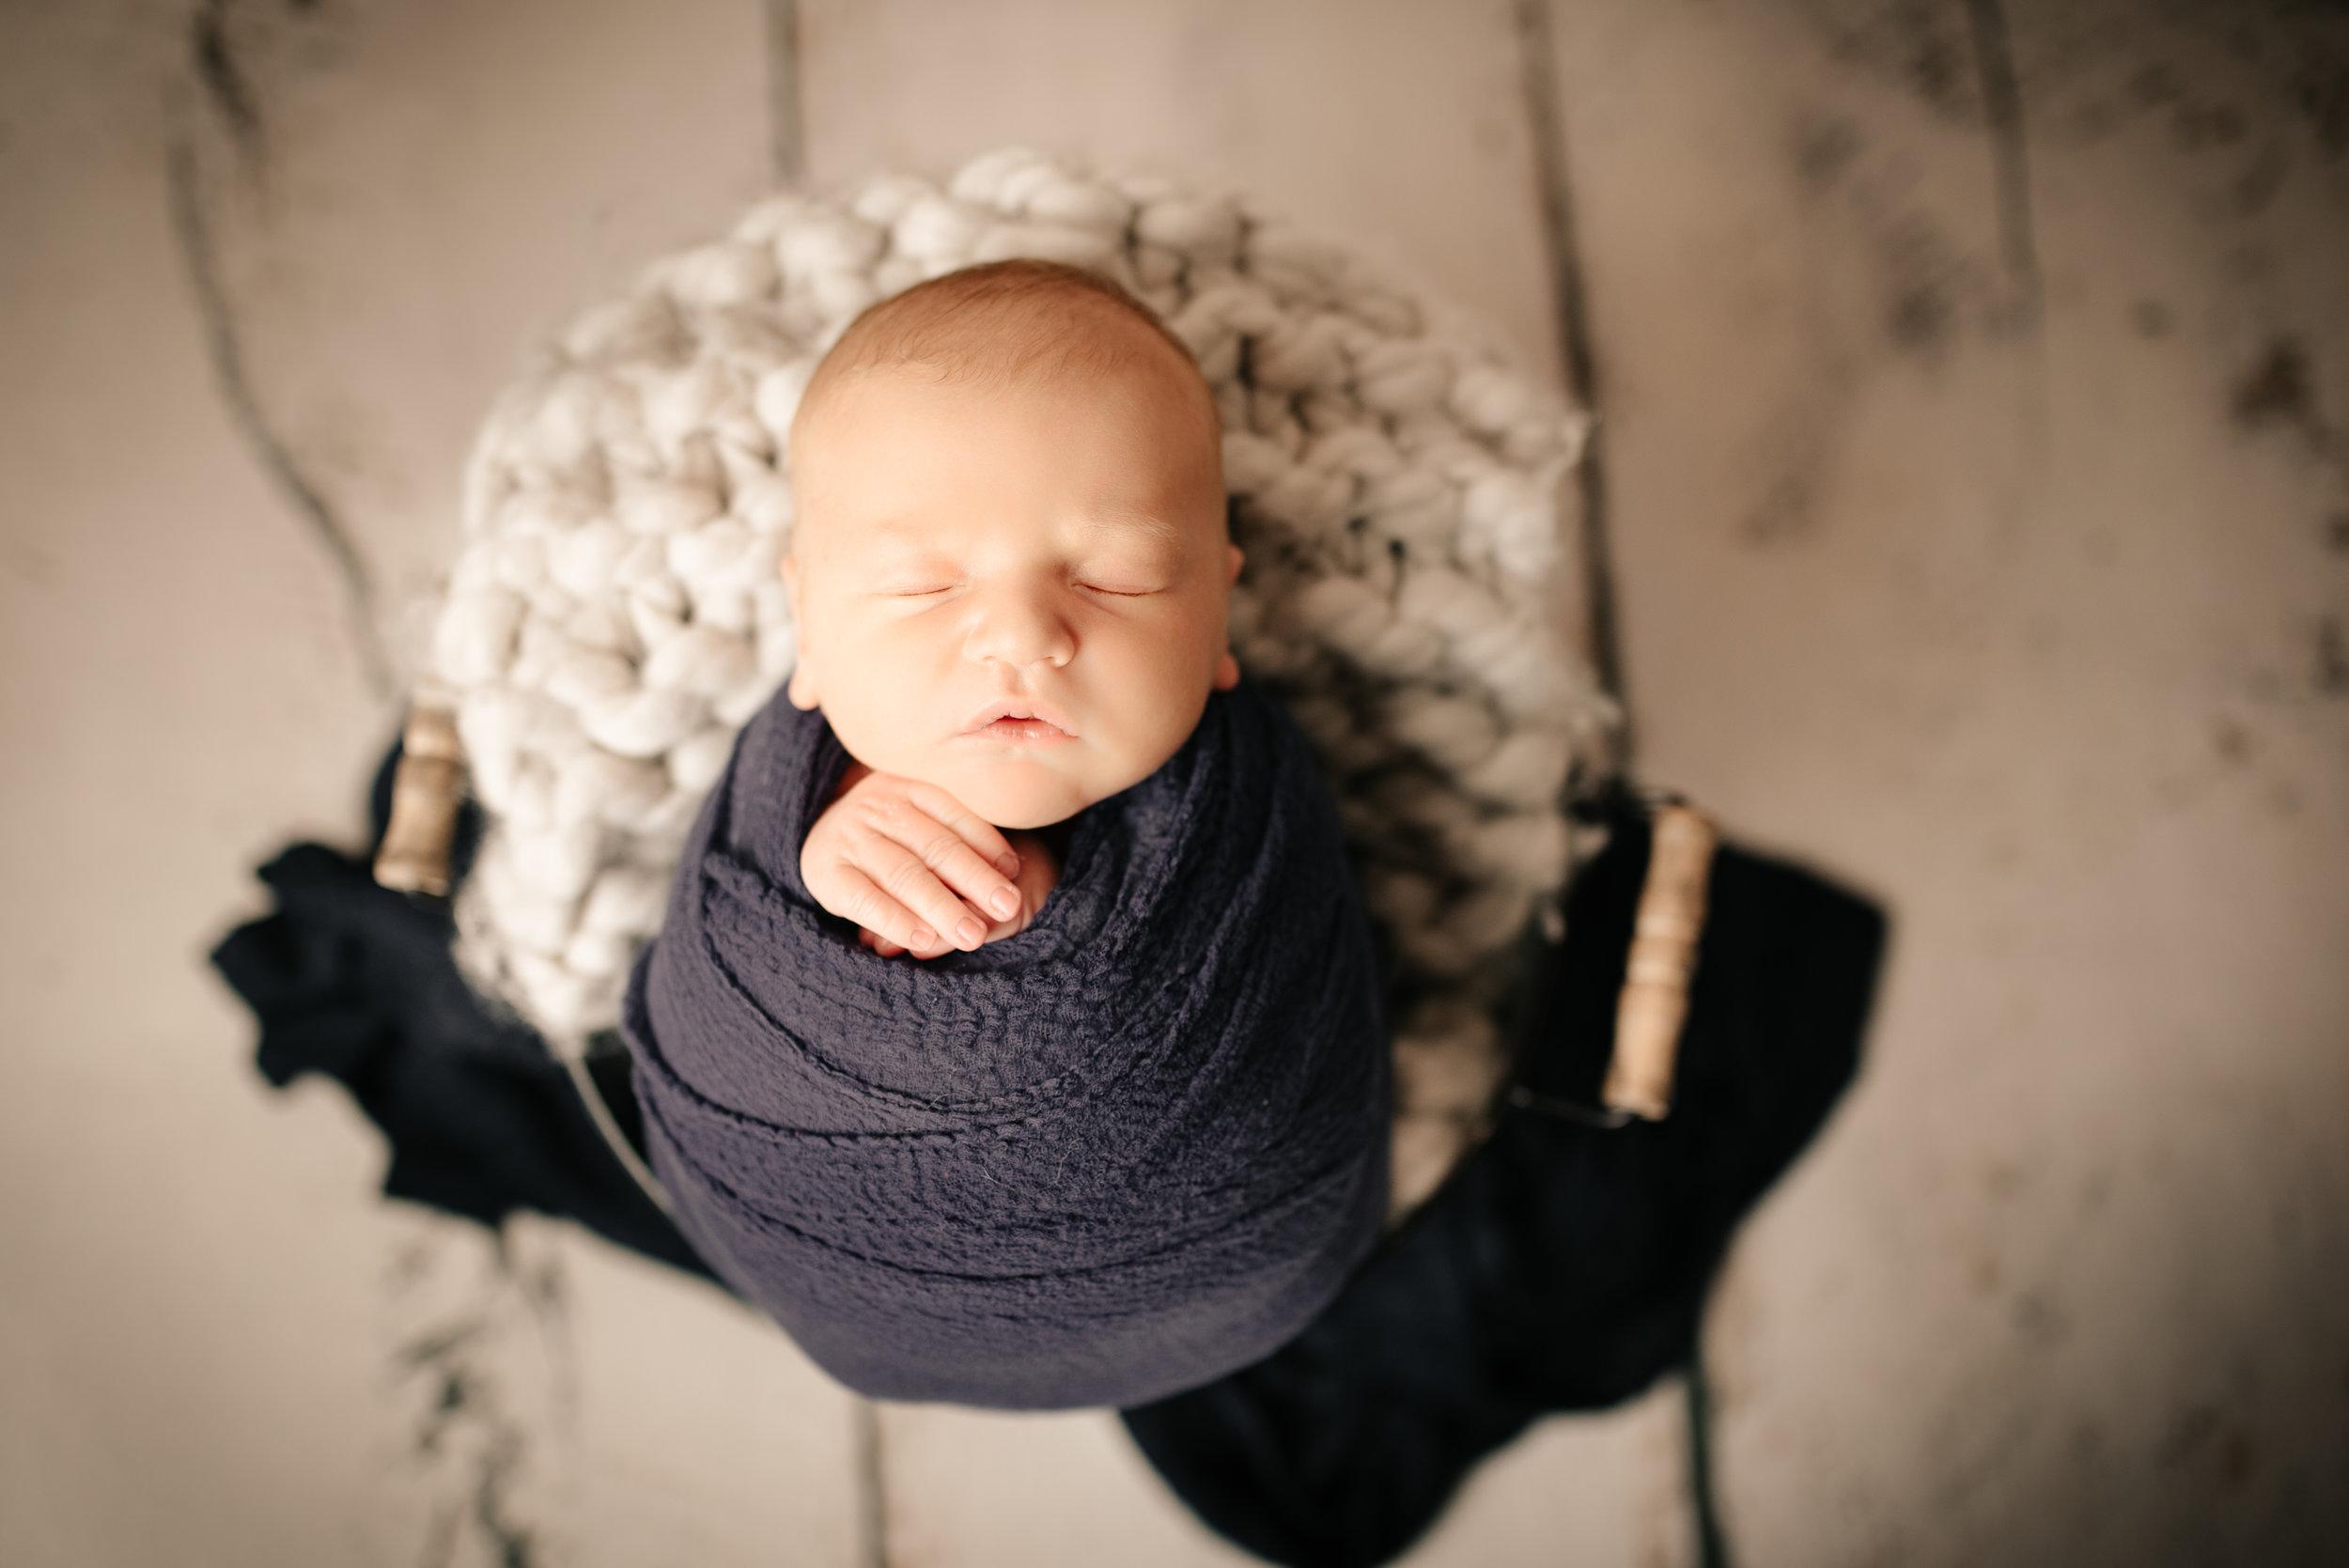 Newborn_John_13Days-4.jpg